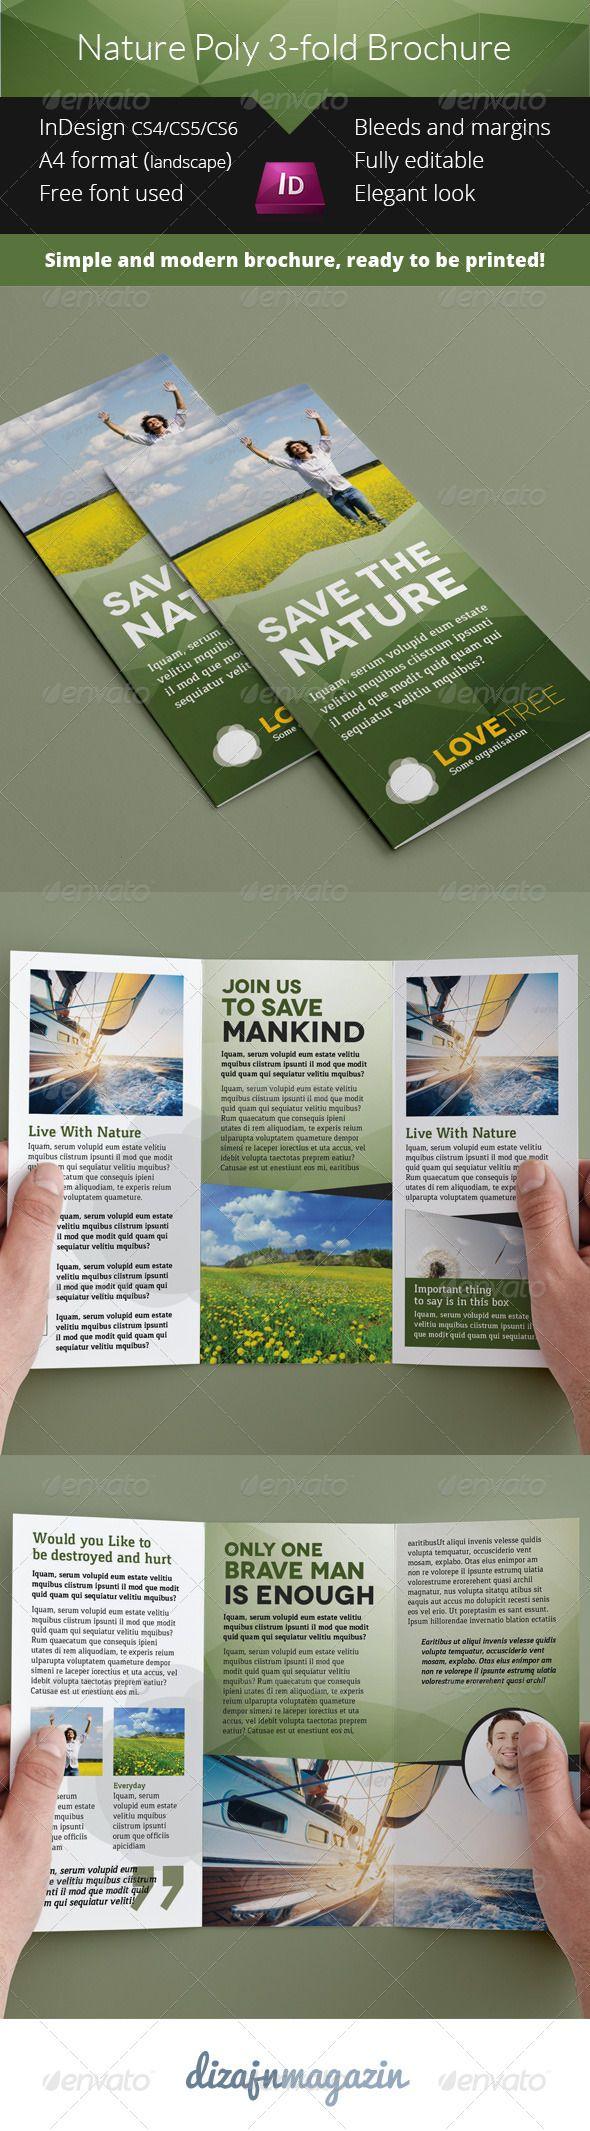 27 best brochure design images on pinterest brochures for 3 fold brochure template indesign